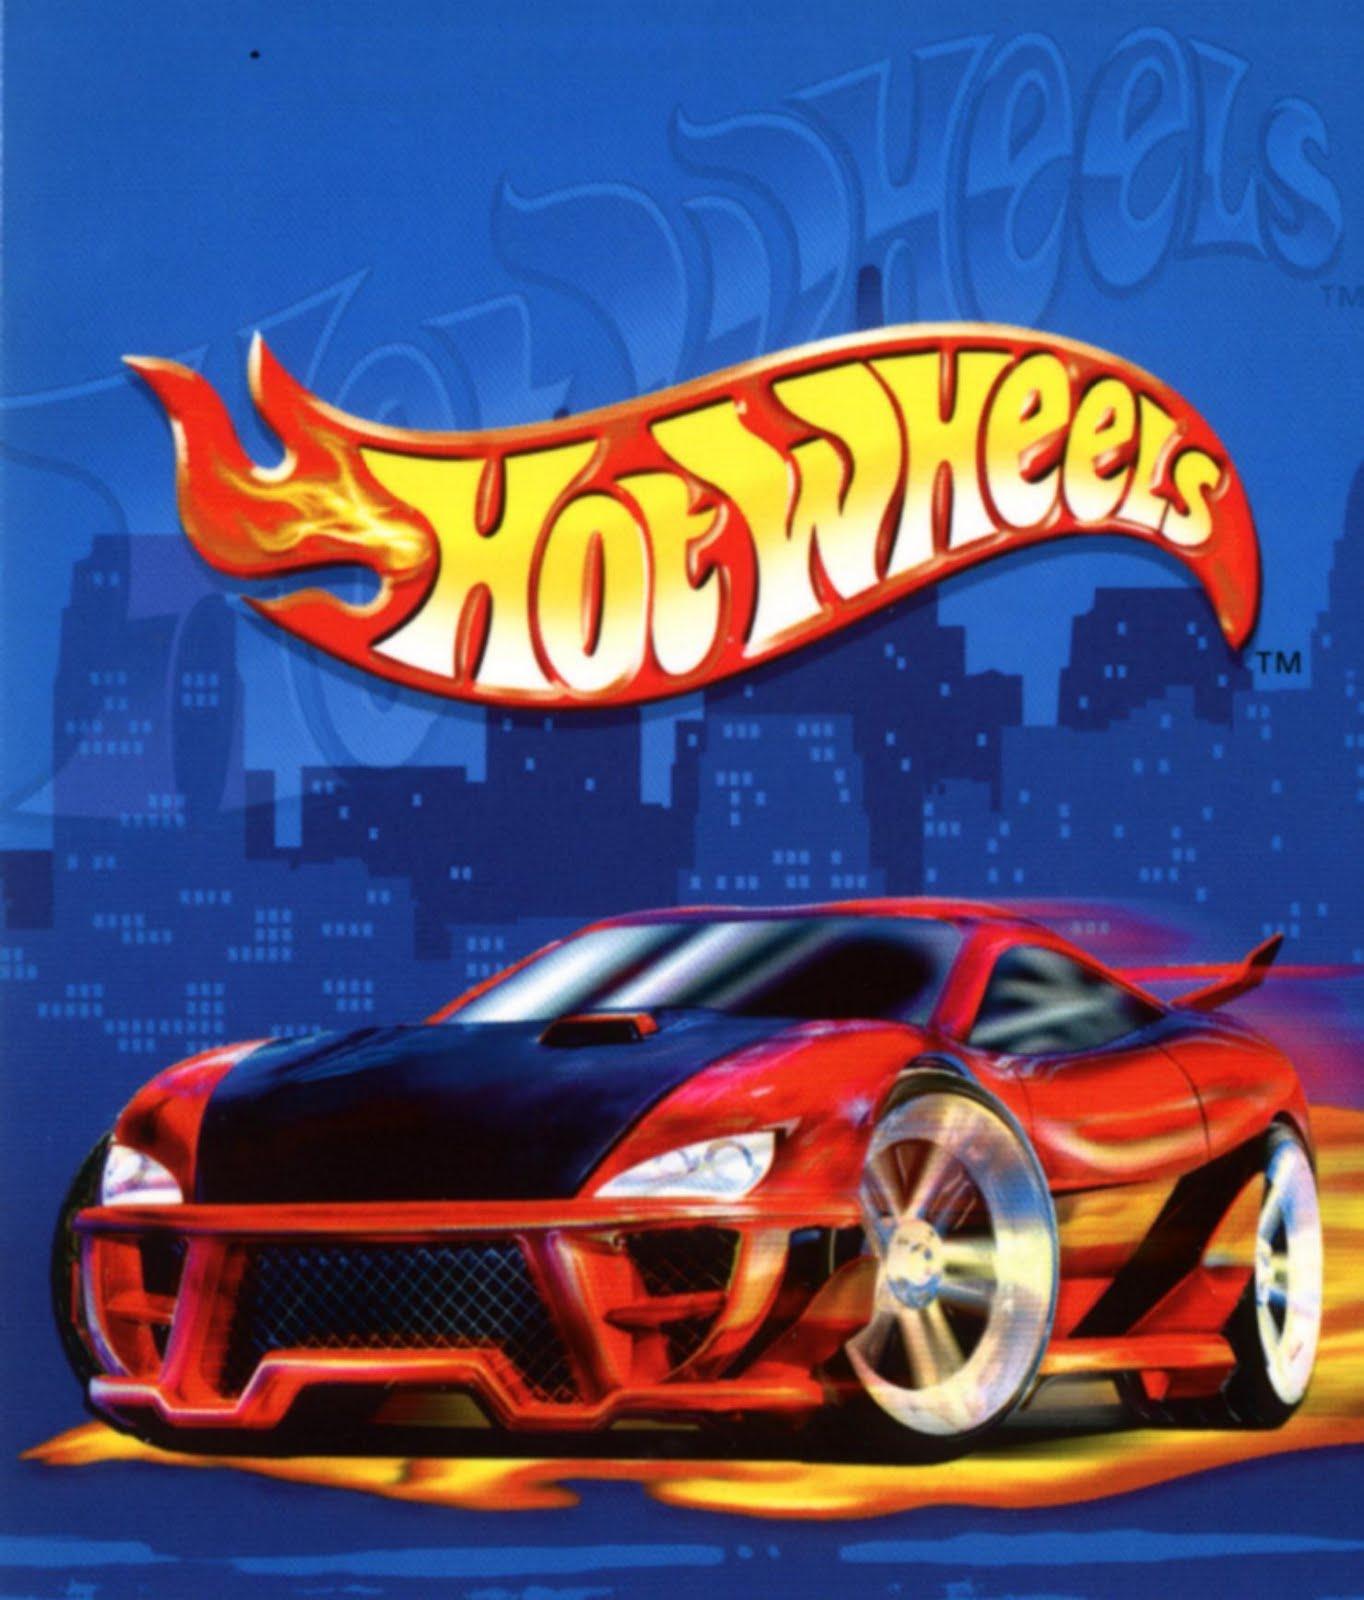 hor wheels